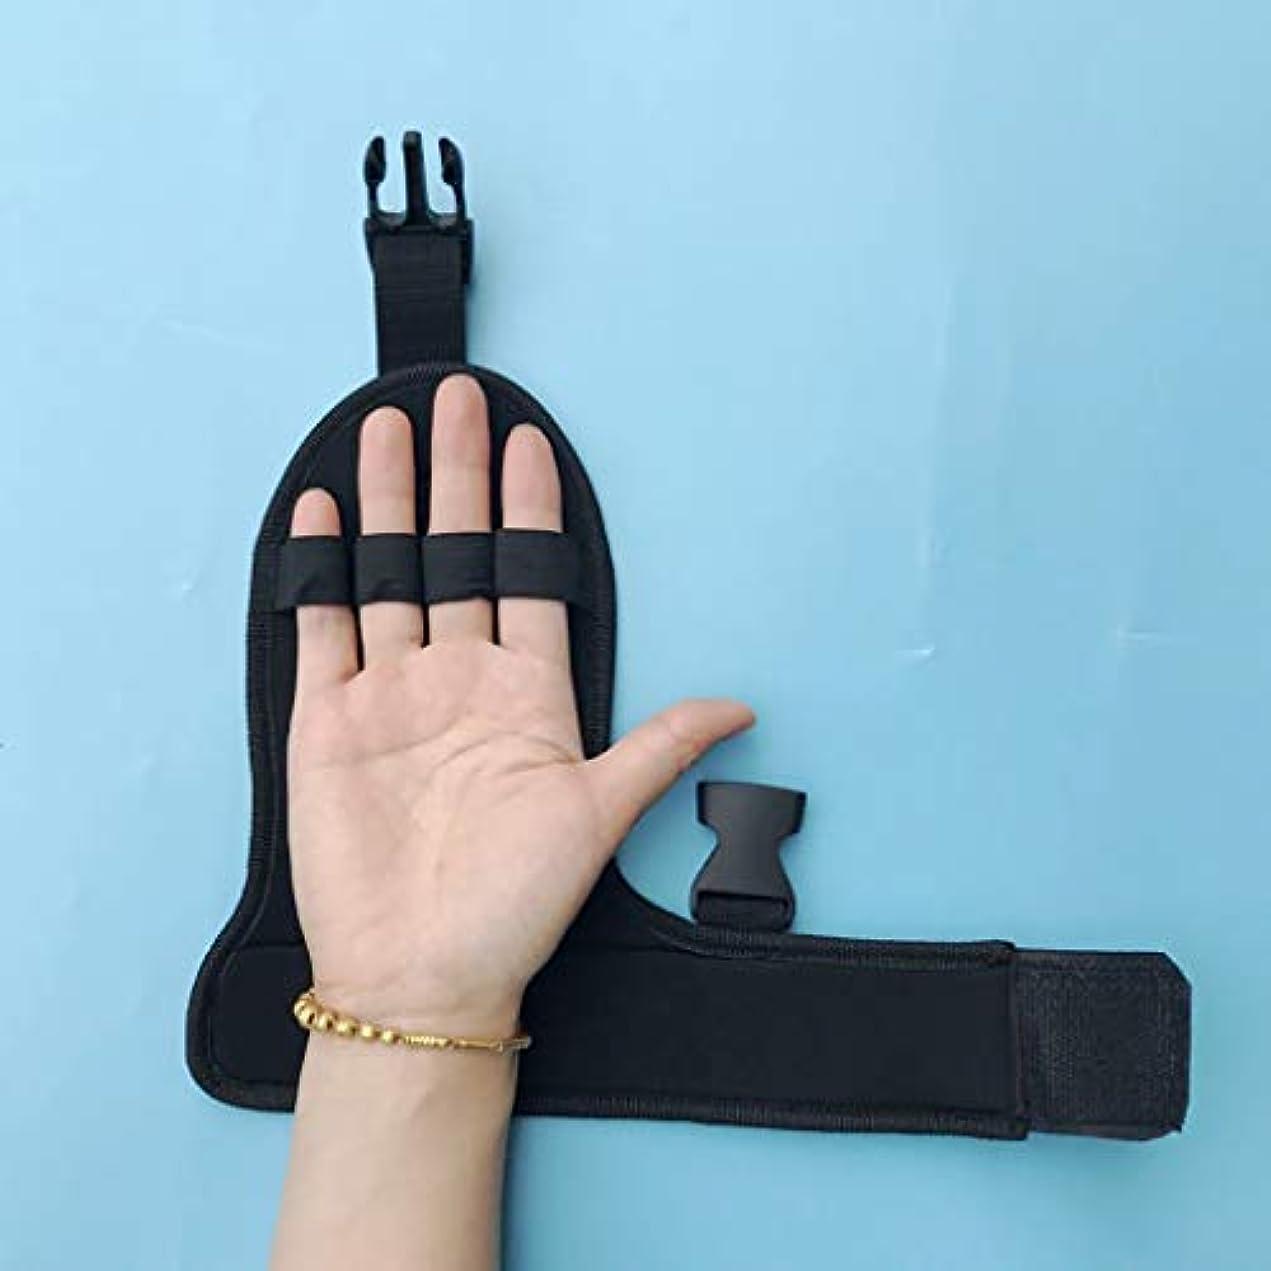 透明にイディオム襲撃フィンガープロテクターは、指の骨折と術後のケアおよび痛みの軽減を引き起こすために指の手袋をサポートします,Buckle